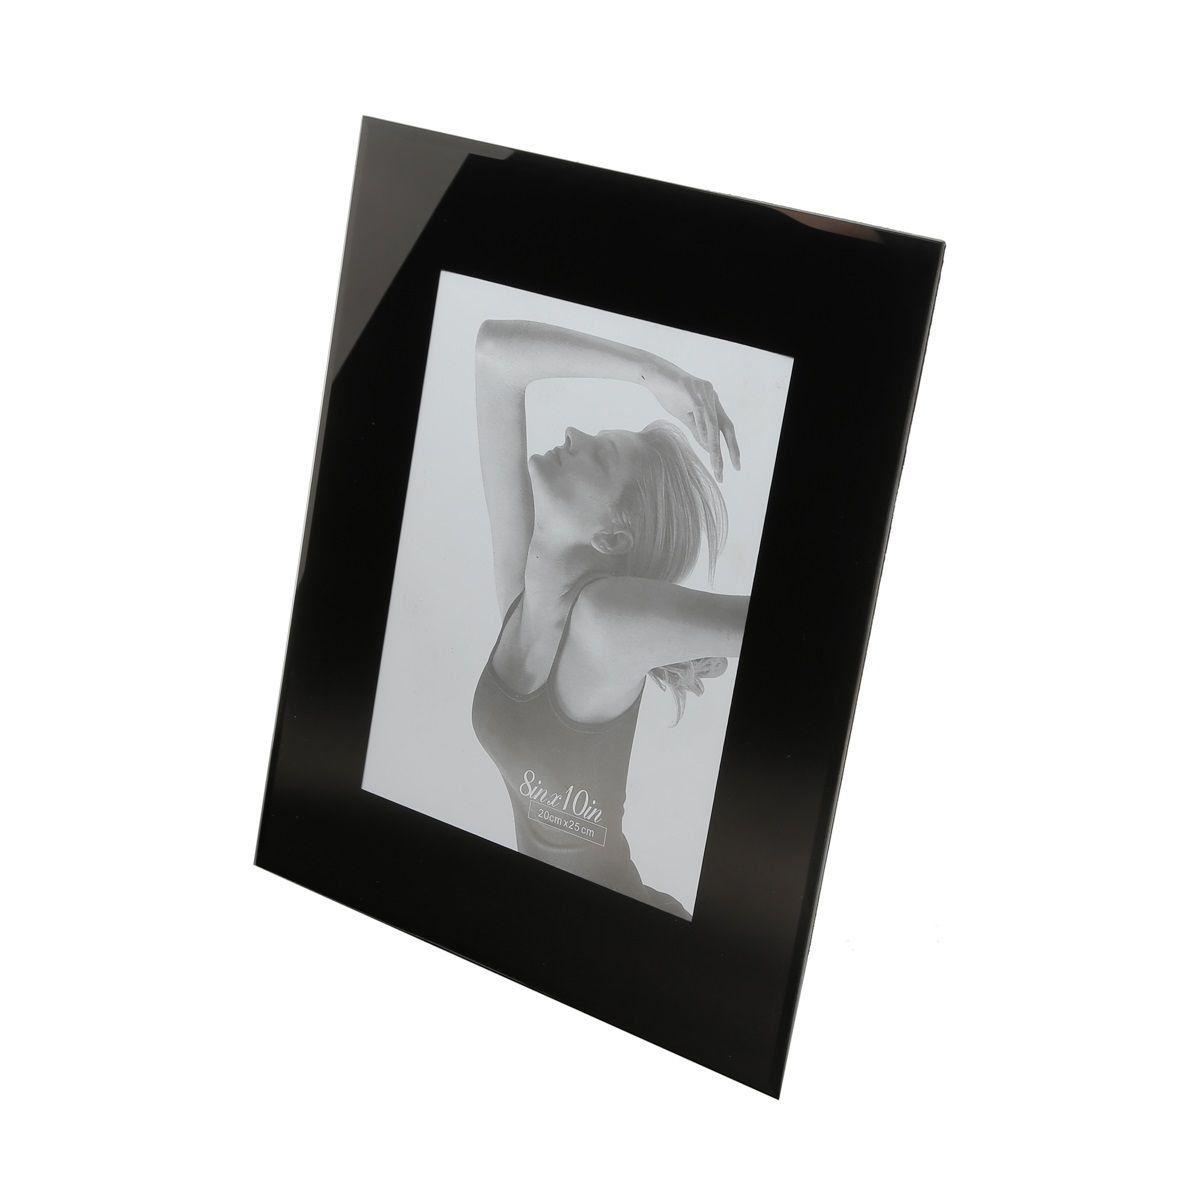 Porta-retrato 20 x 25 cm de vidro Preto Prestige - 9469